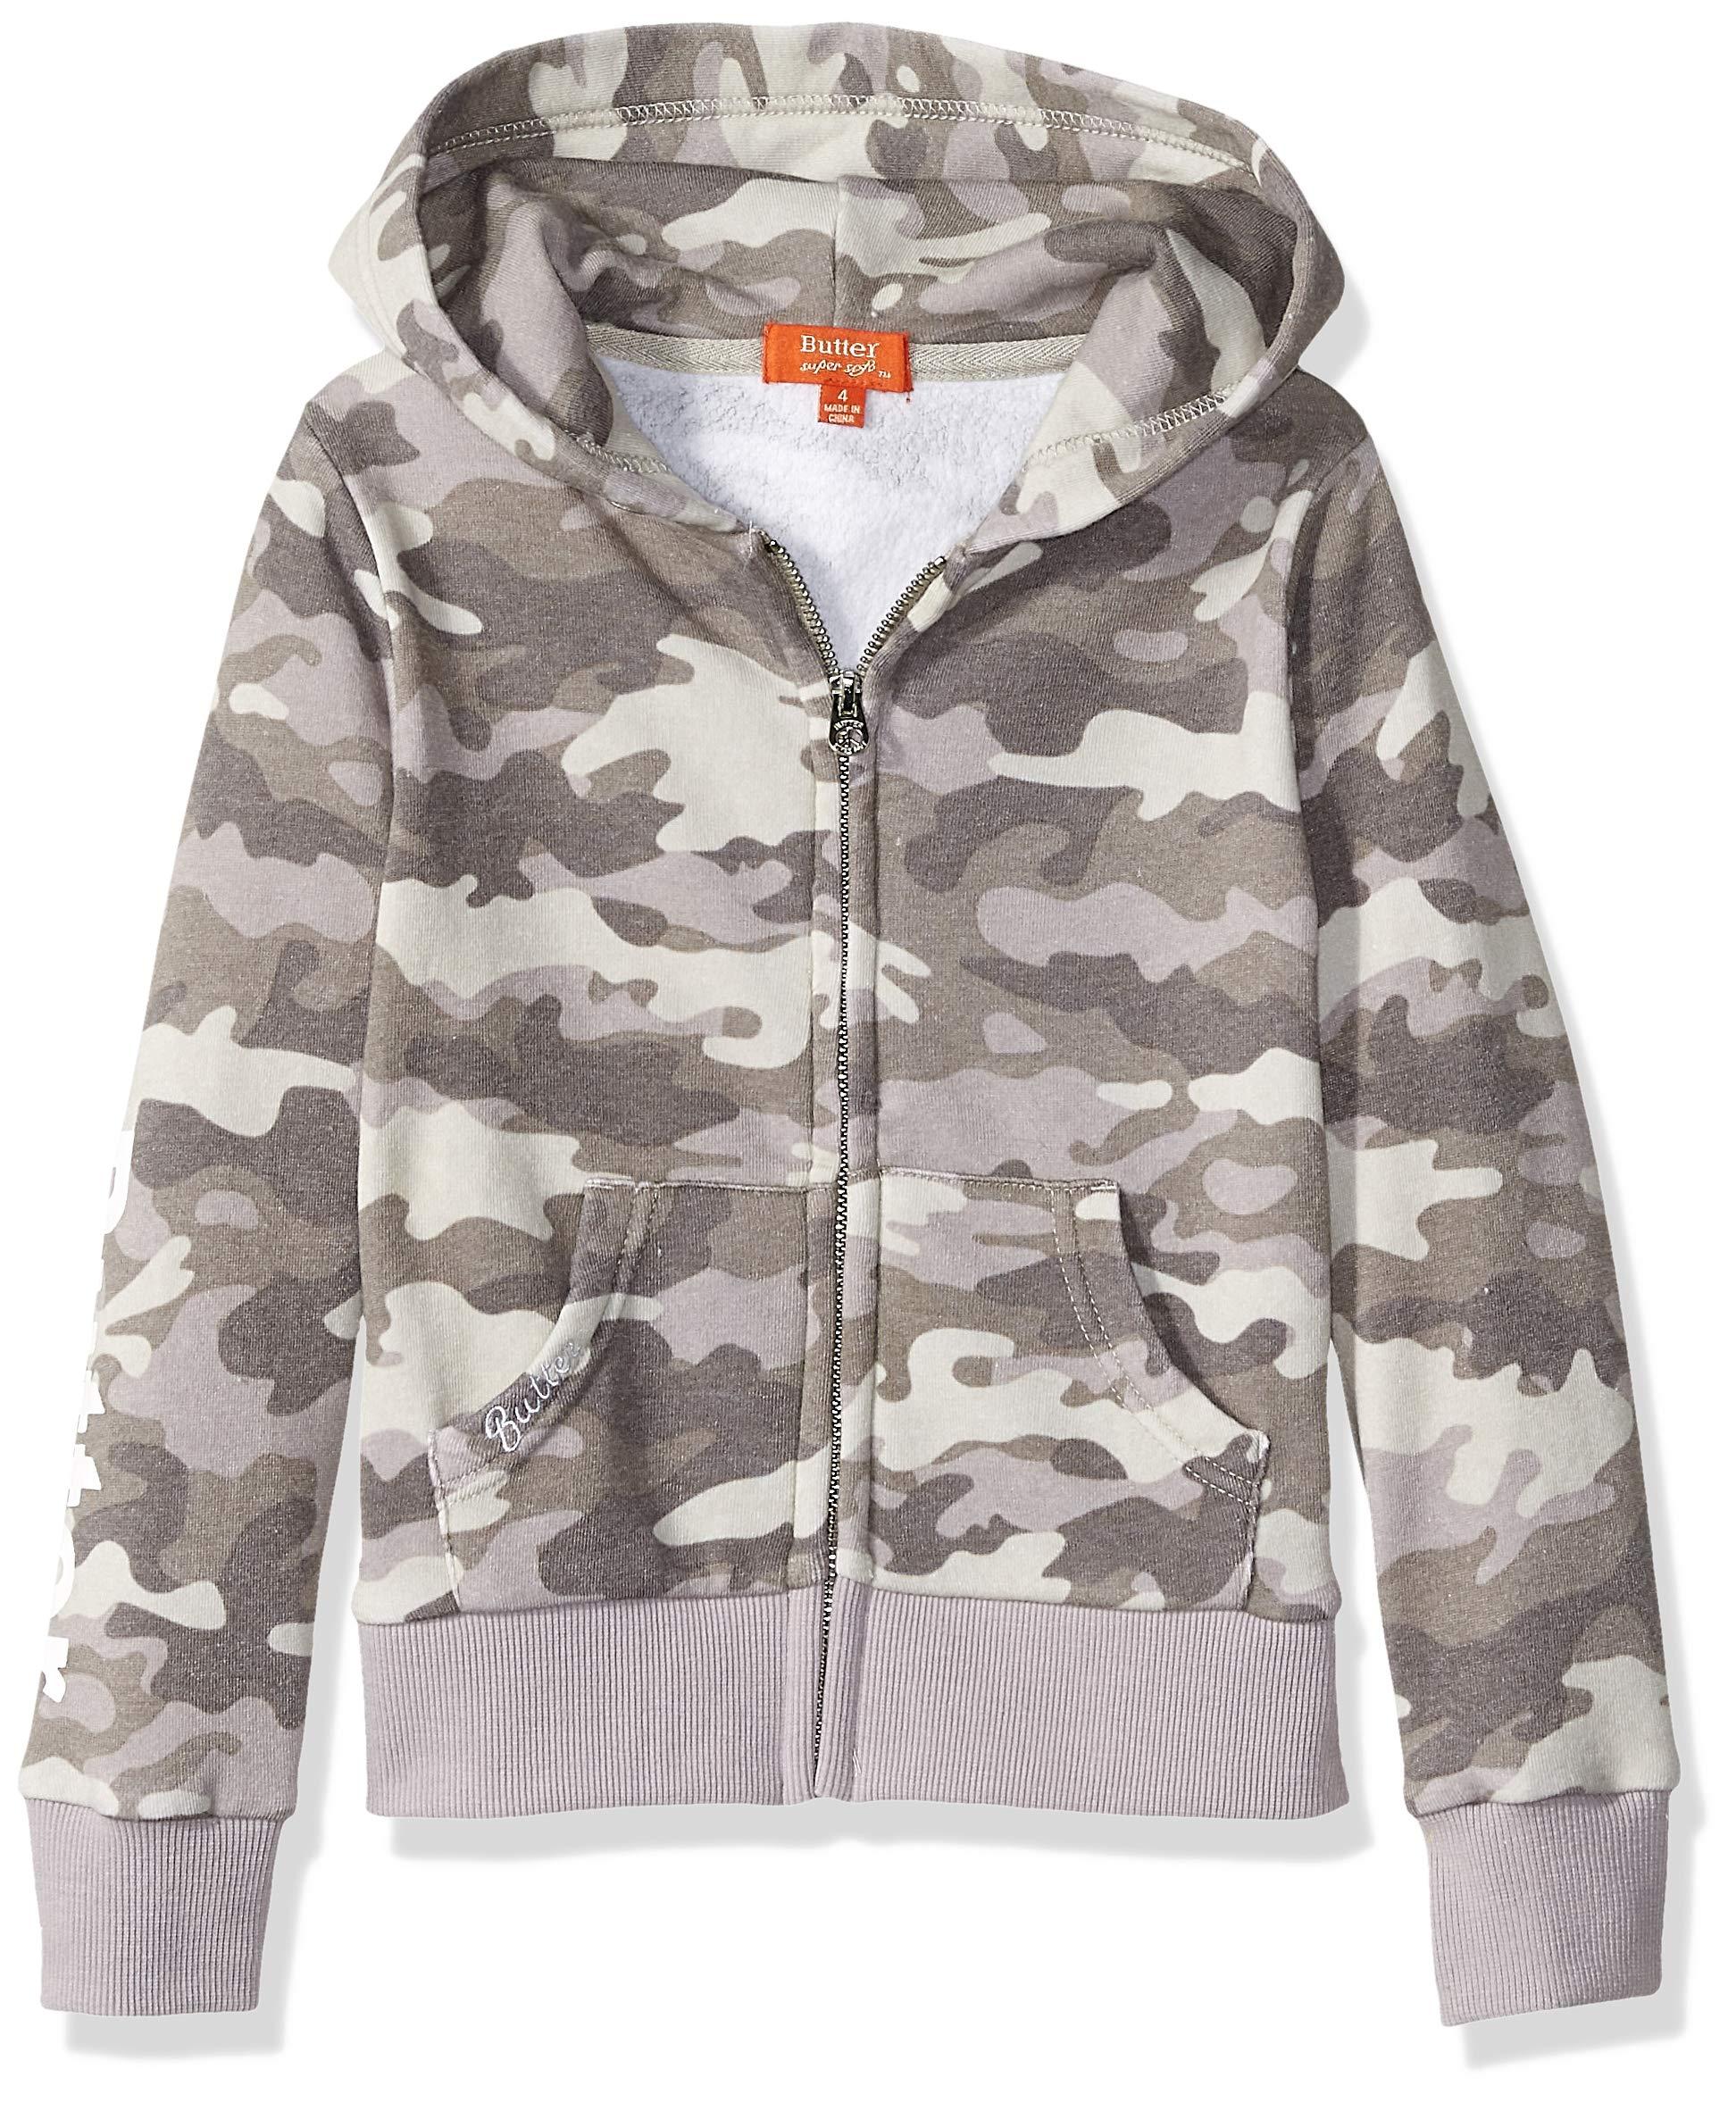 Butter Girls' Big Printed Fleece Zip Up Hoodie, Grey Camo, XL